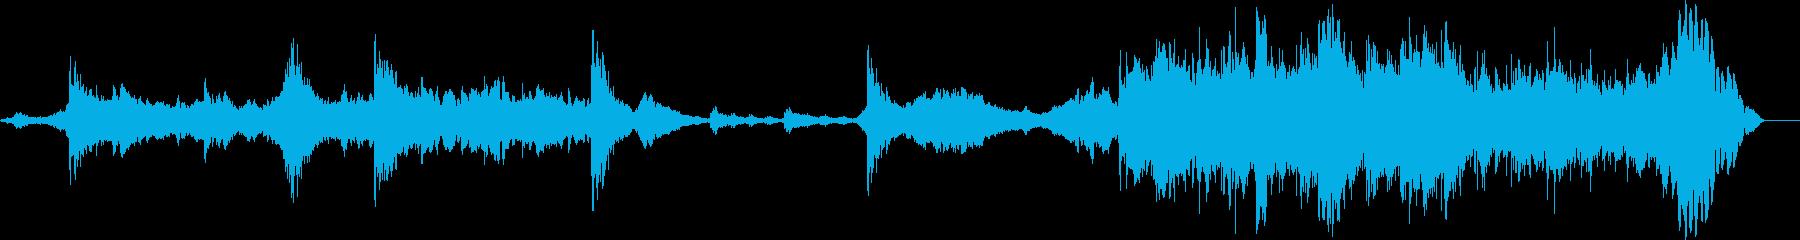 アンビエントな空気のような音は、民...の再生済みの波形